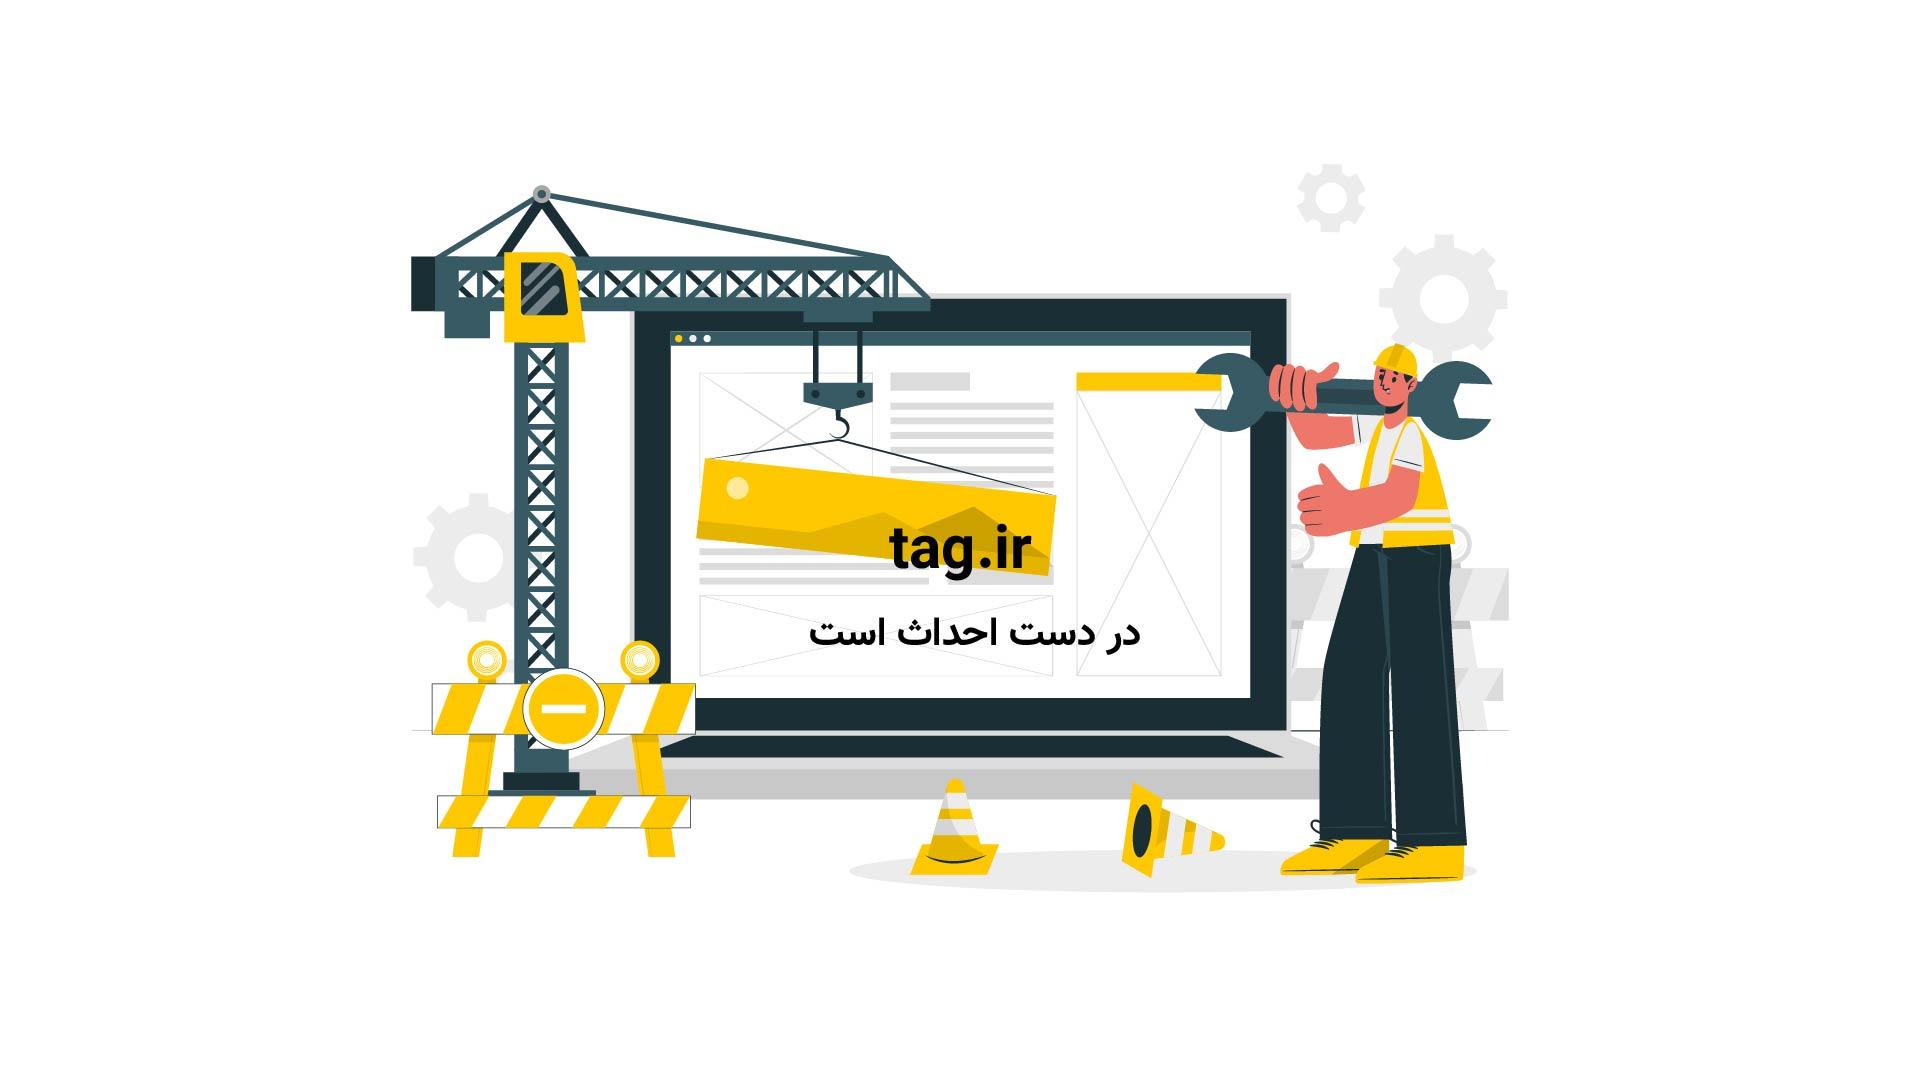 پنج حقیقت درباره فیل که نمیدانید|تگ